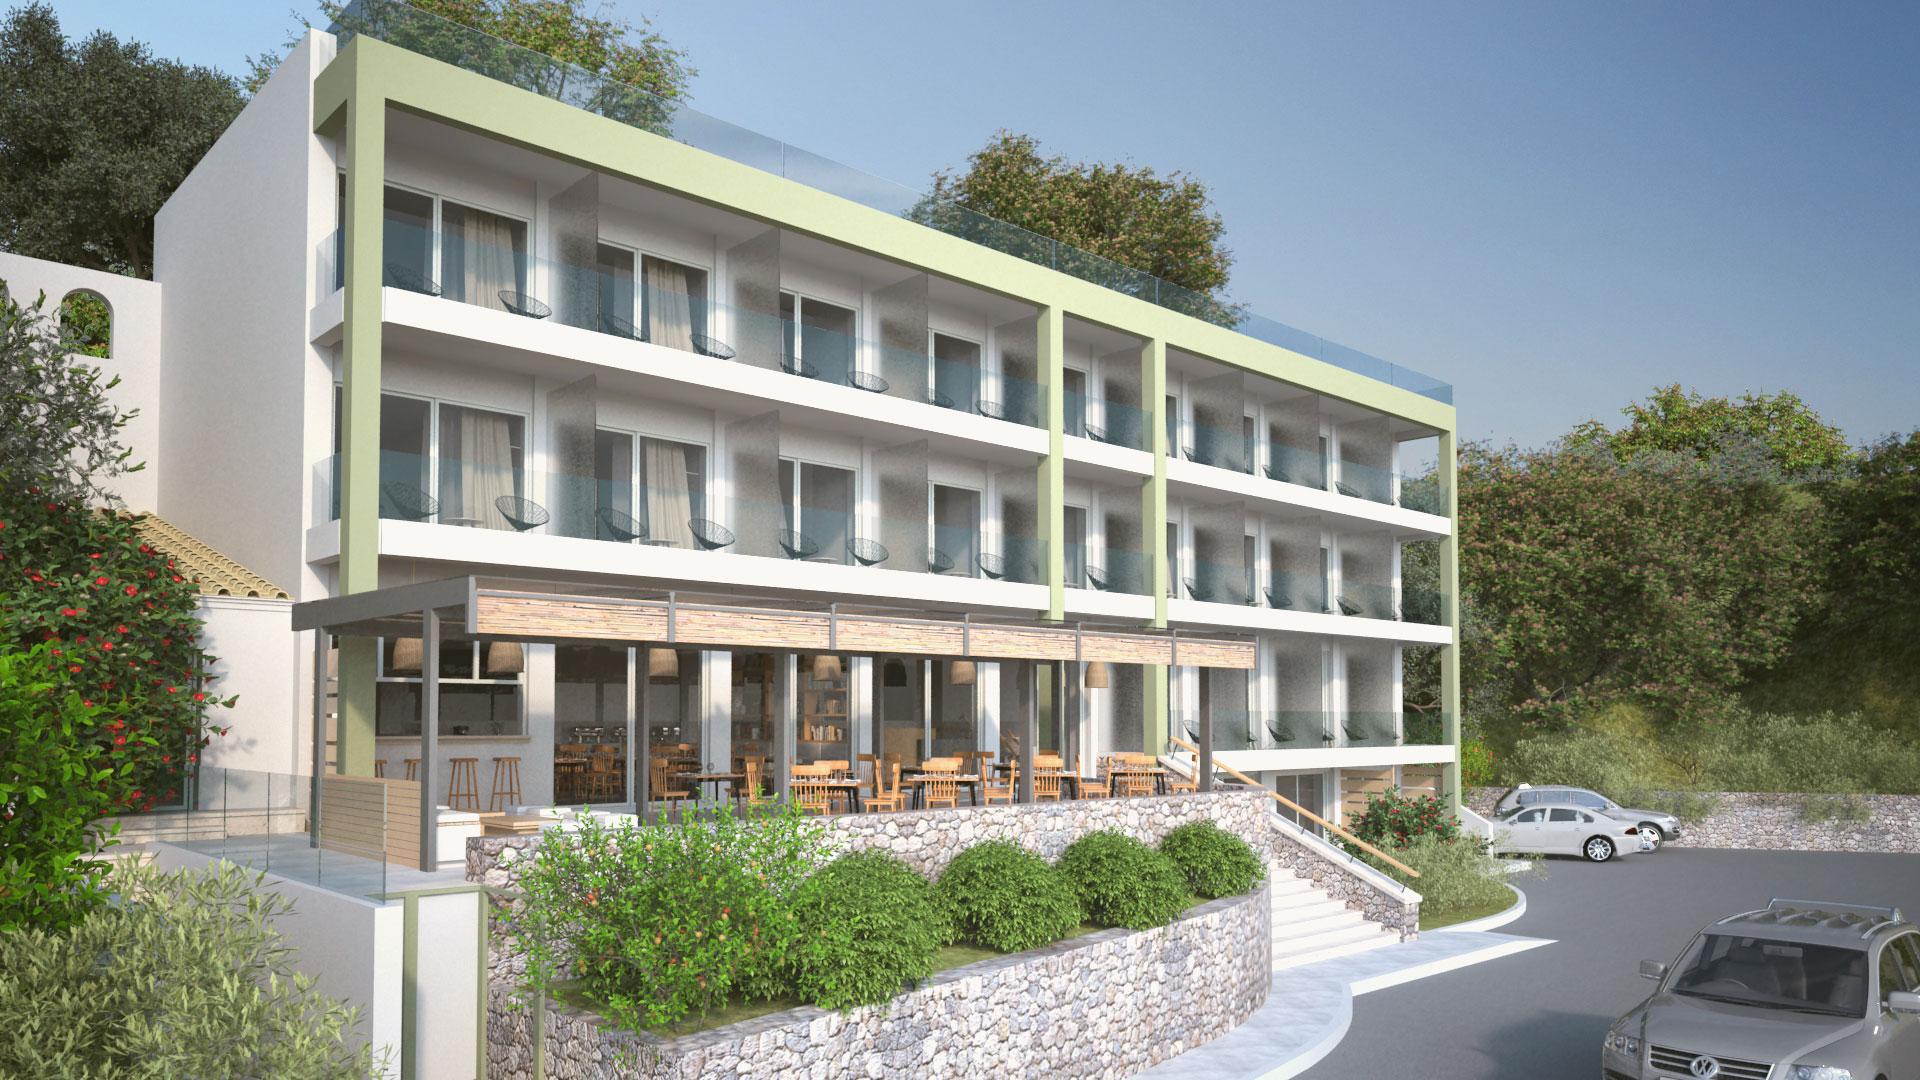 Eleals hotel